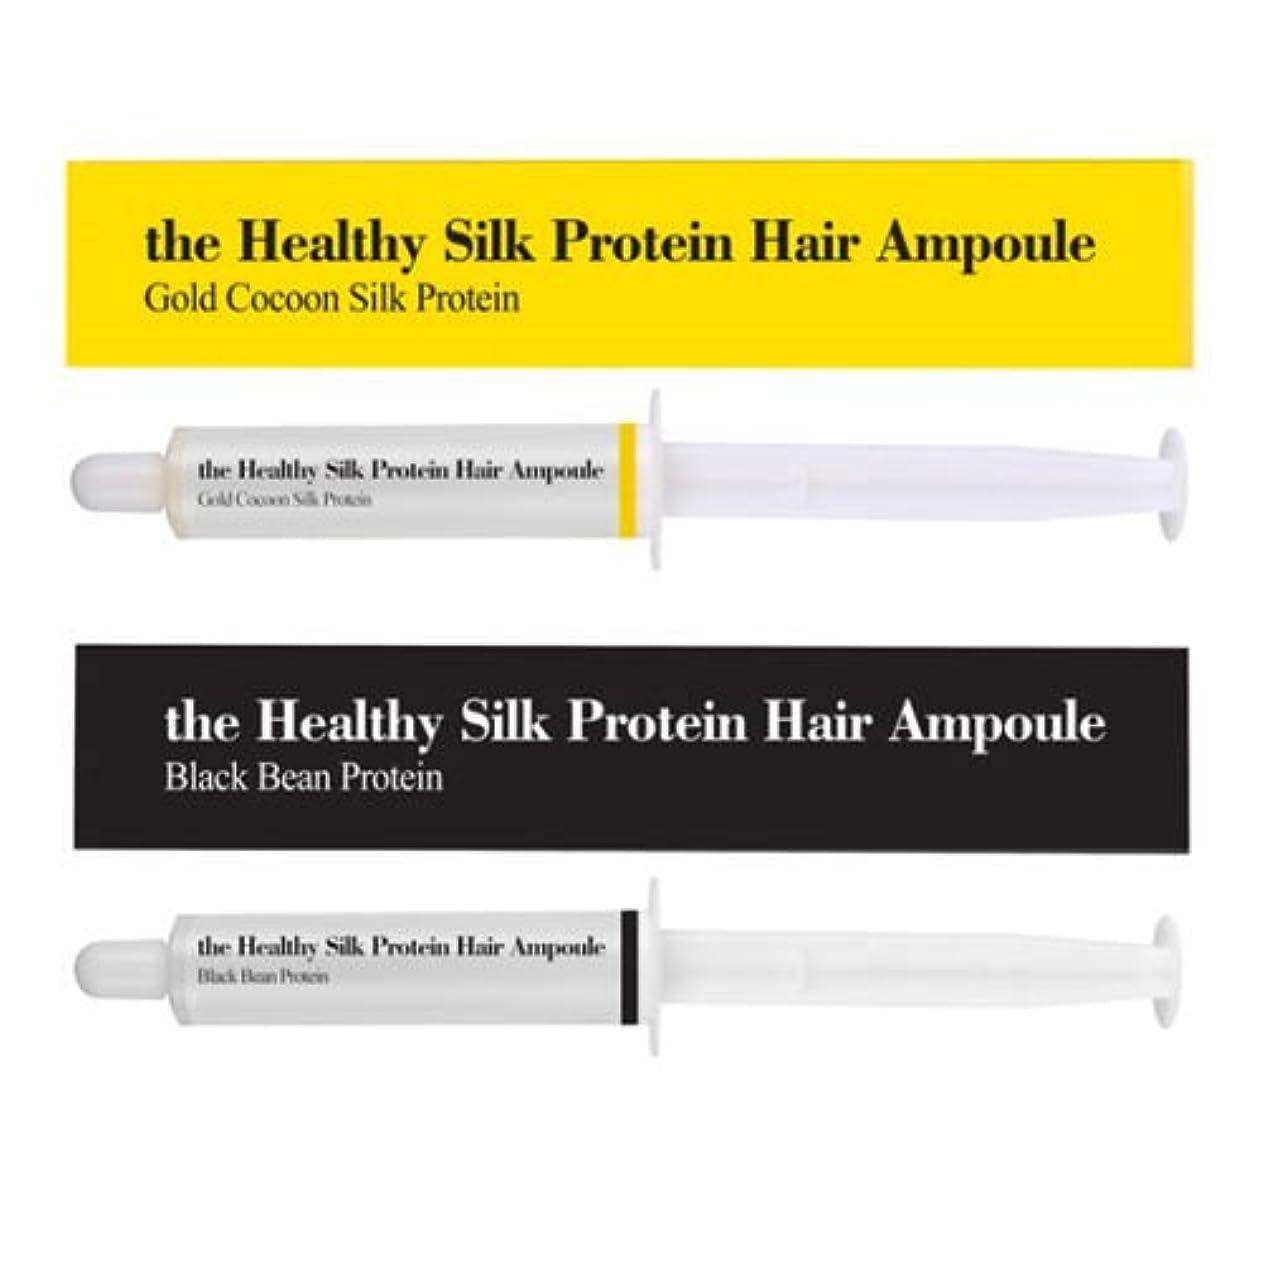 好色な腹部手数料リアルビューティー[韓国コスメReal Beauty]The Healthy Silk Protein Hair Ampoule シルクプロテインヘアアンプル2タイプ 25ml[並行輸入品] (黒豆プロテイン)